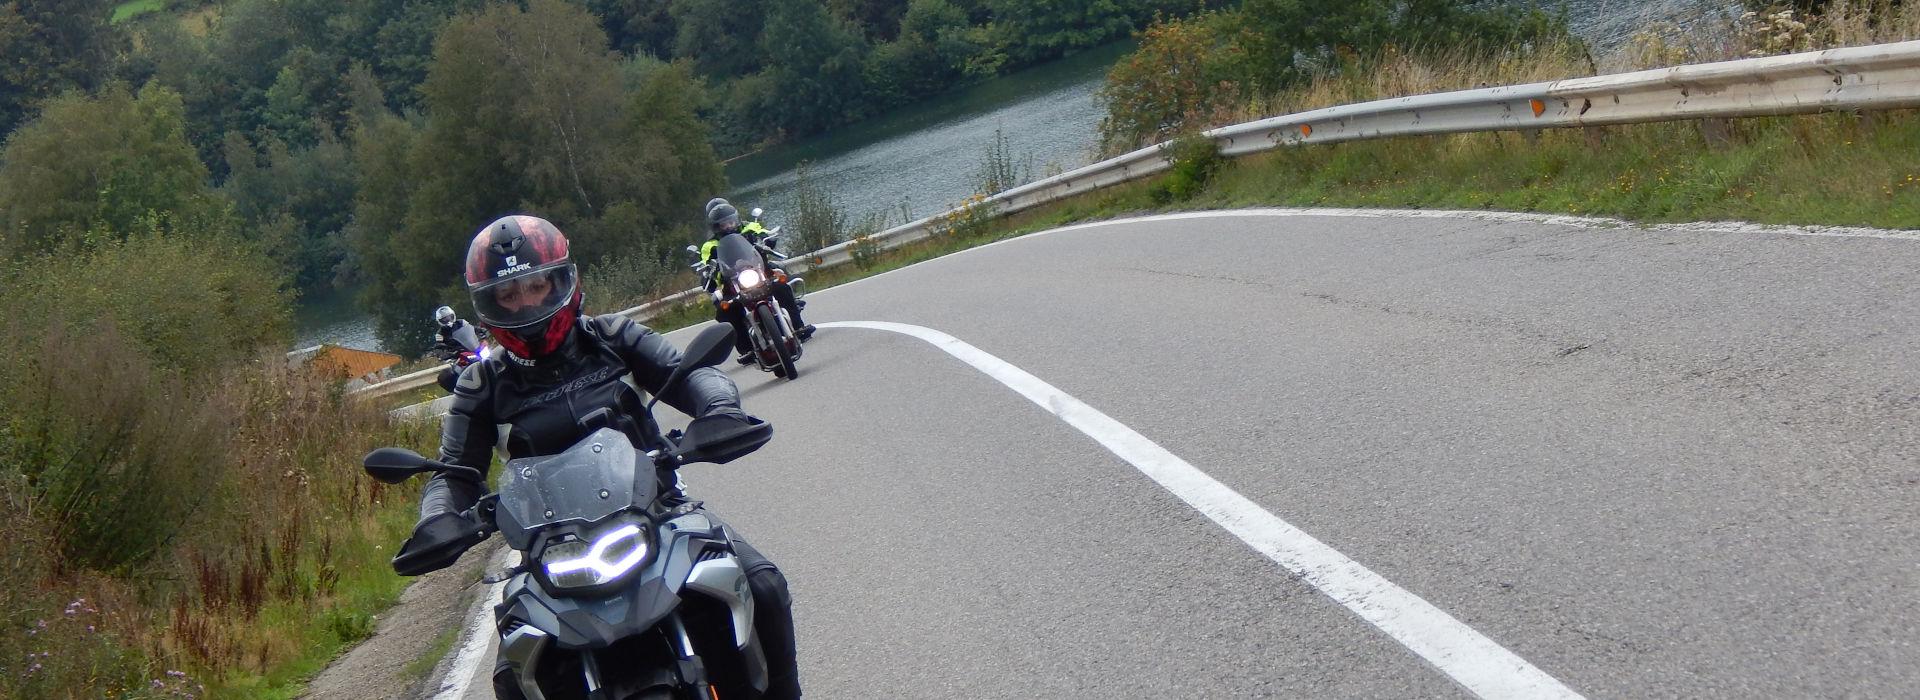 Motorrijbewijspoint Koudekerk aan den Rijn motorrijlessen